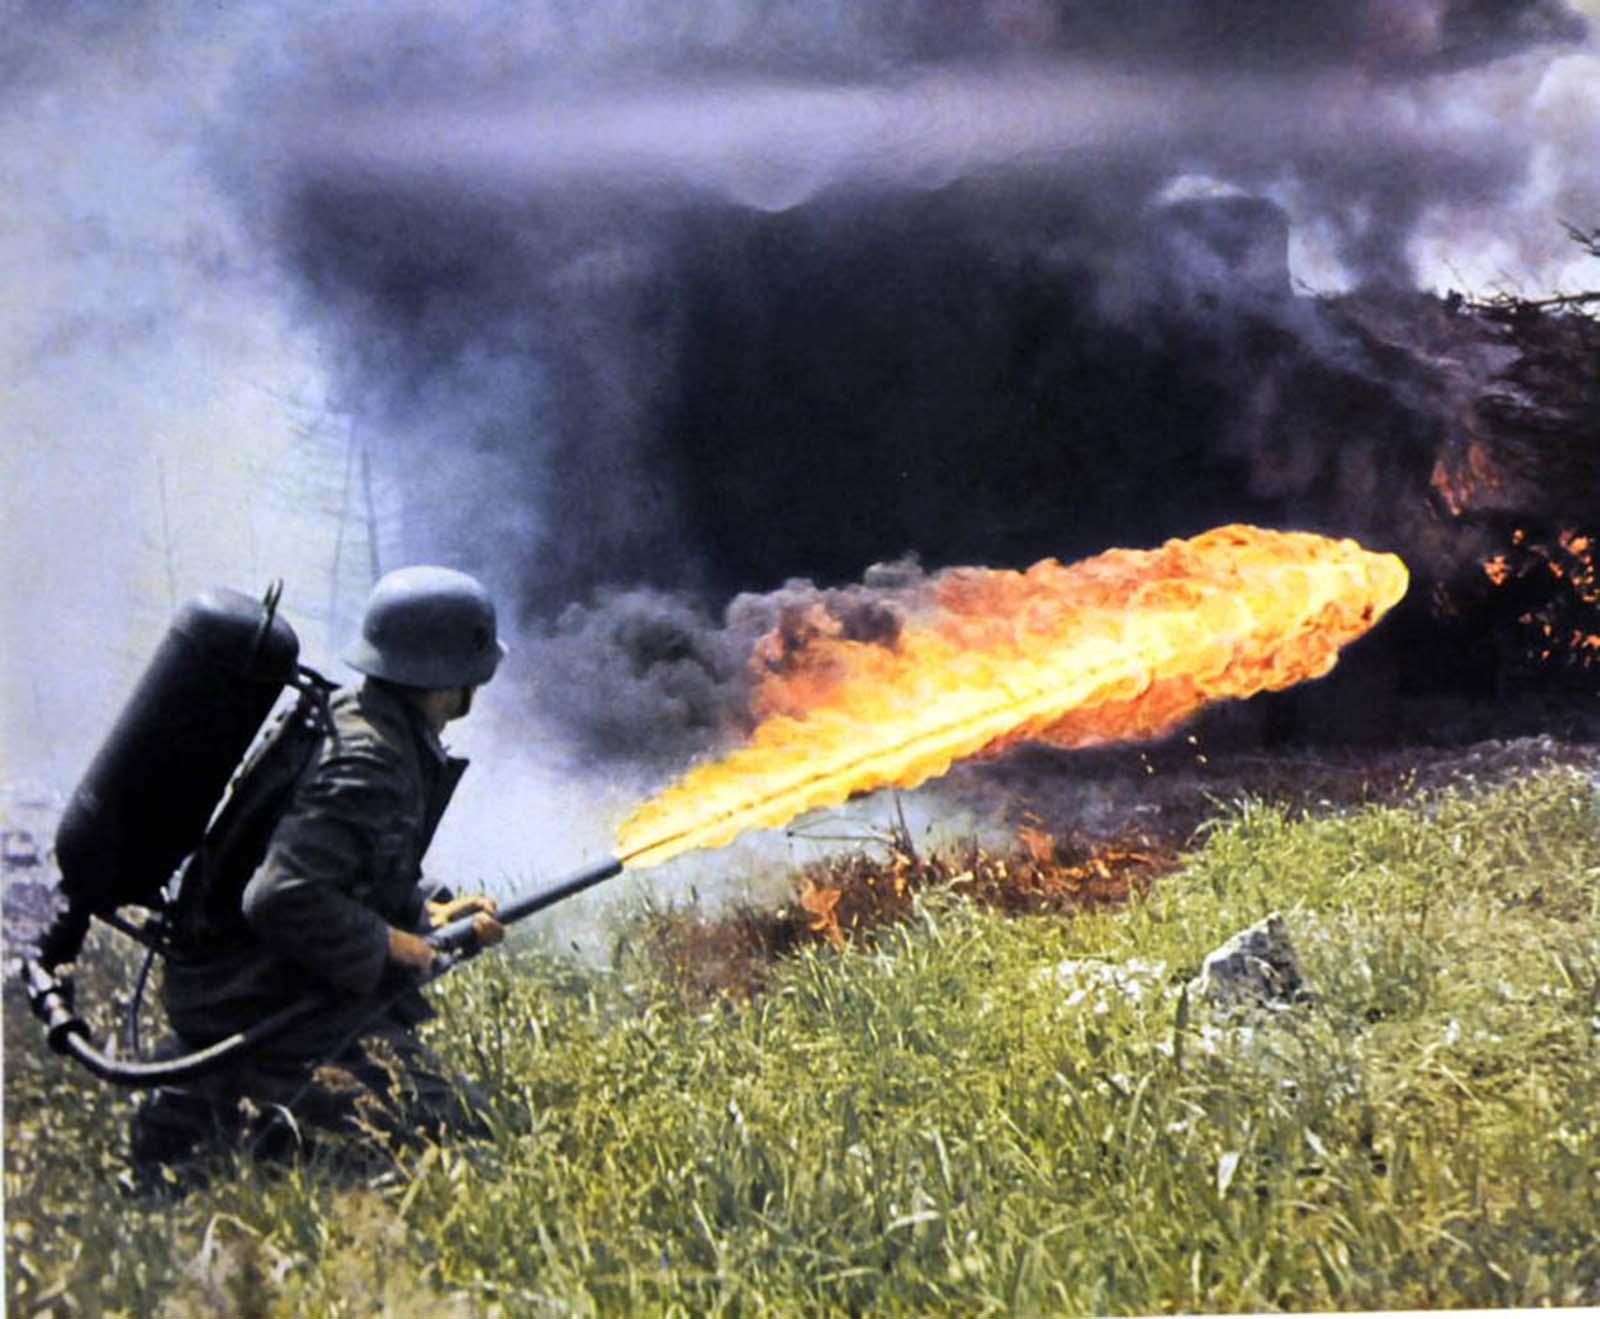 Egy német tolvaj egy hátizsák lángszóróval lő ki a Szovjetunió magas fűterületén.